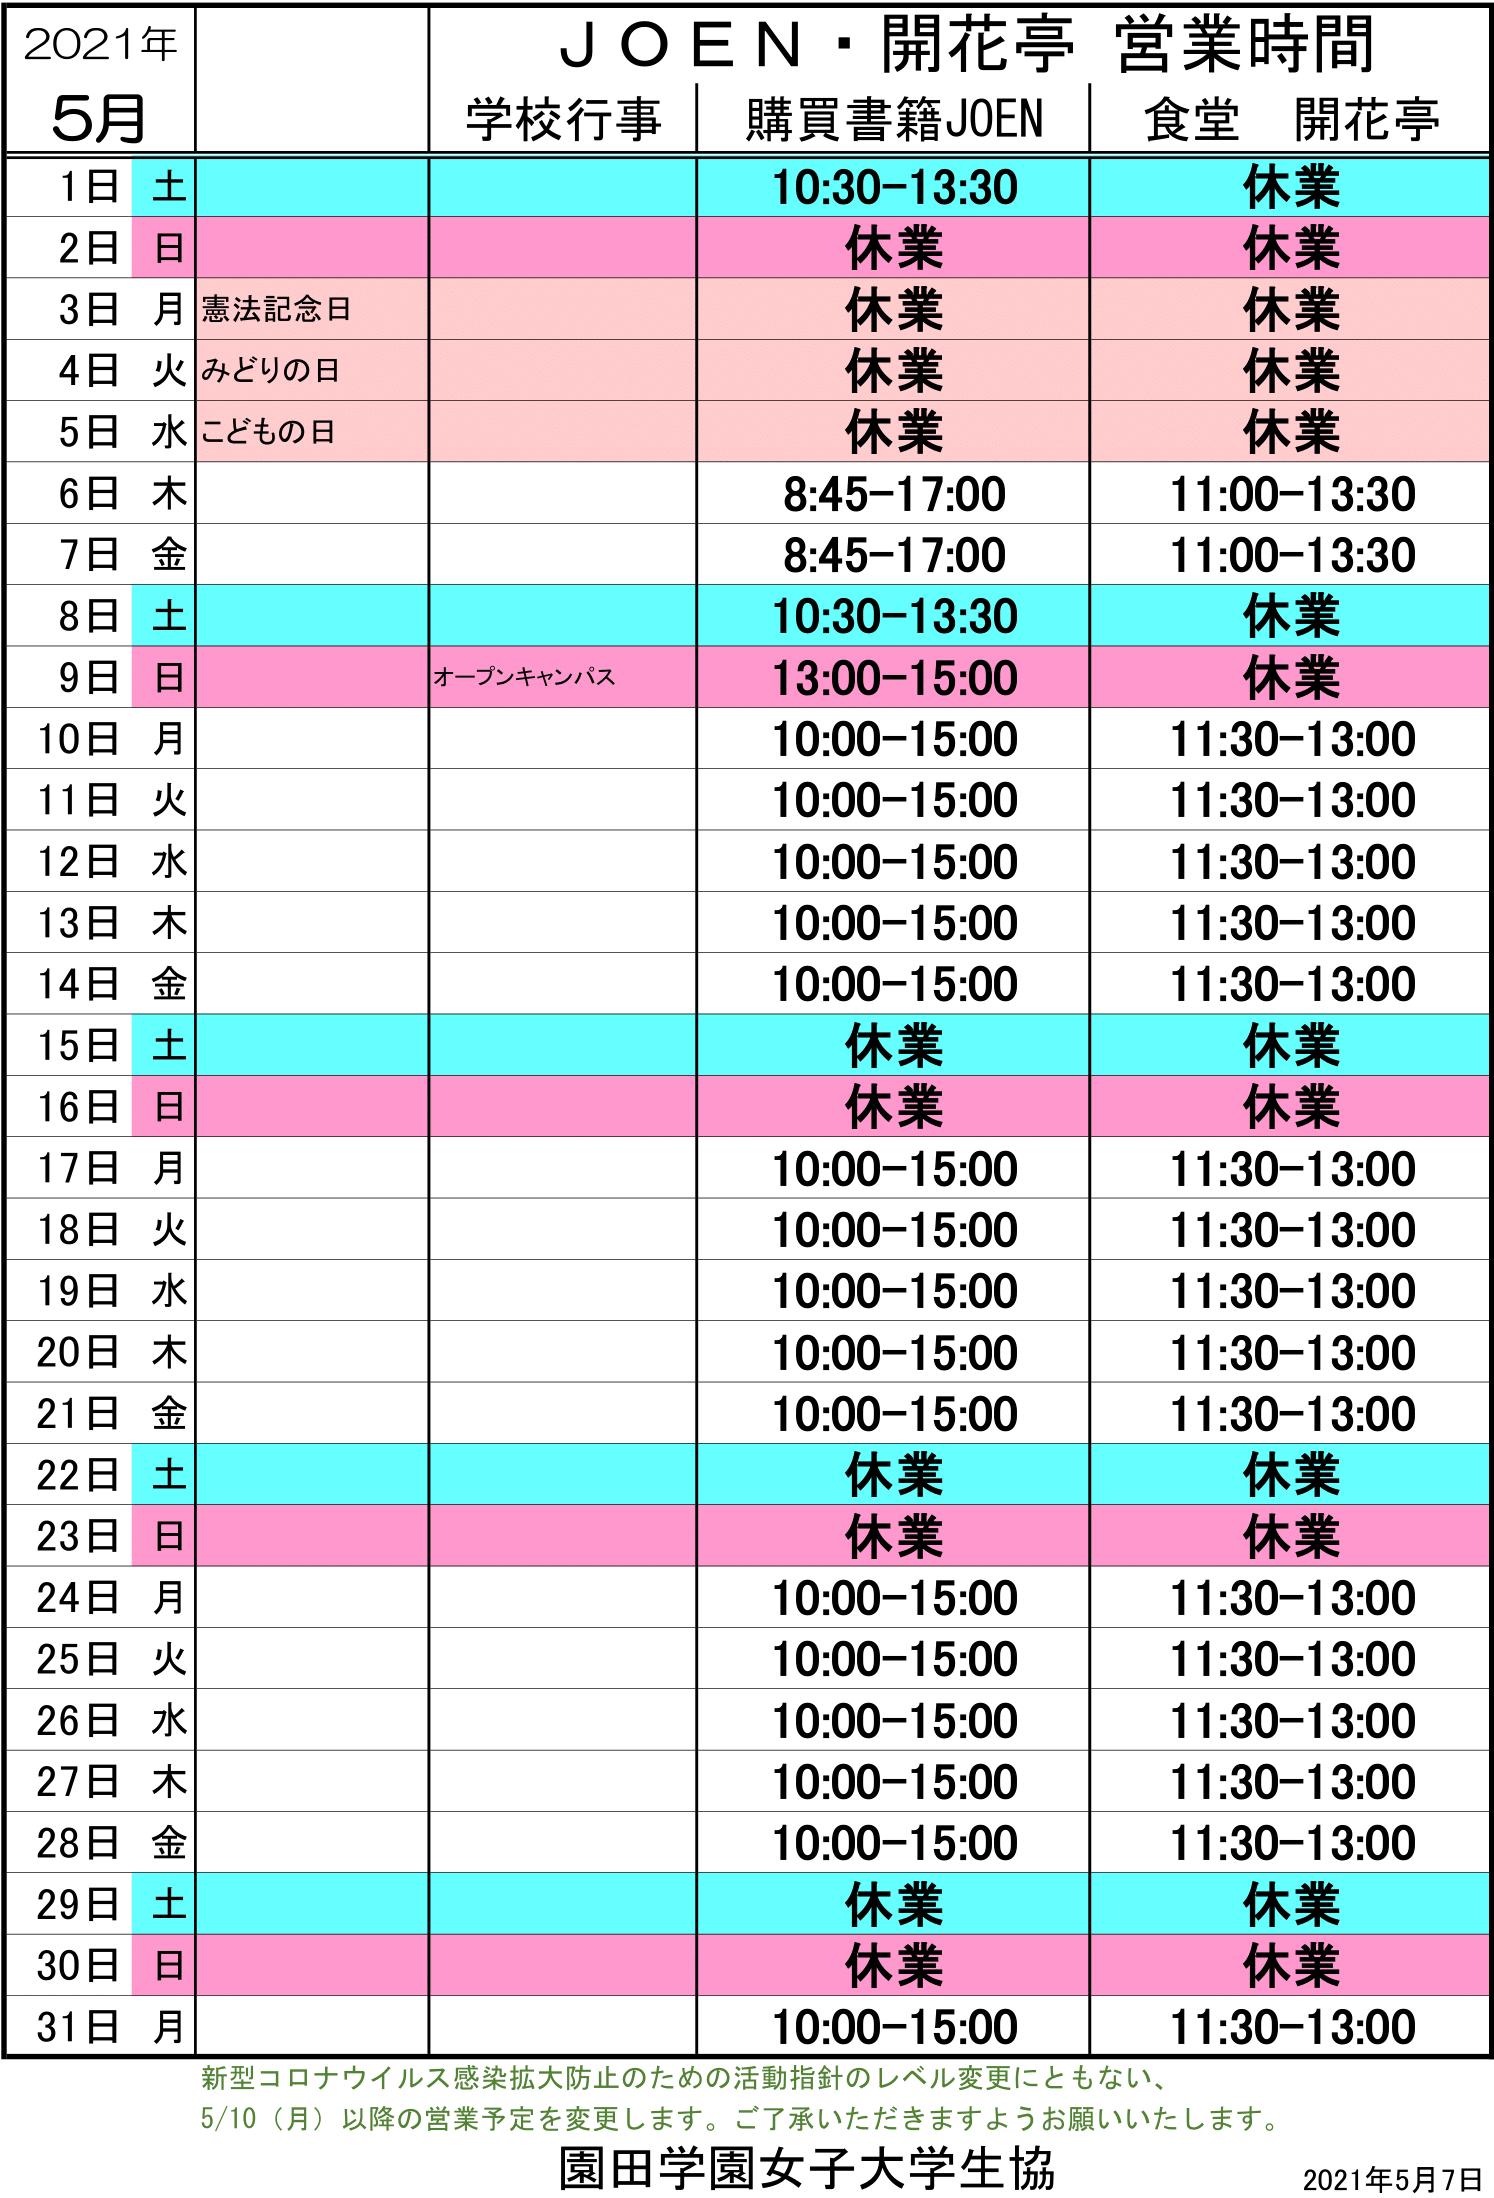 eigyo202105-1.png